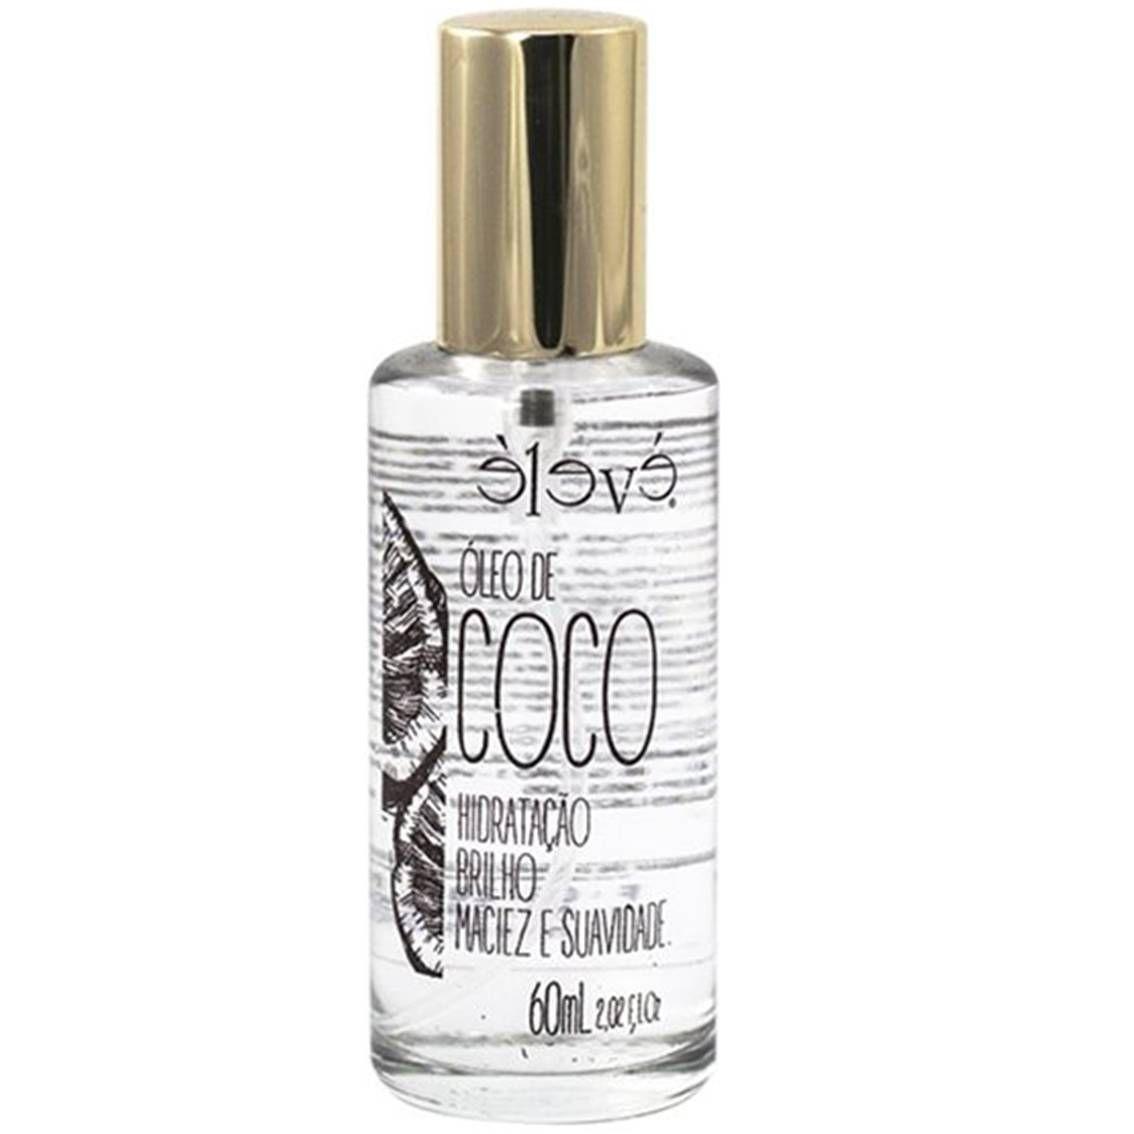 Óleo de Coco Élevé - Hidratação, brilho e Maciez 60 ml